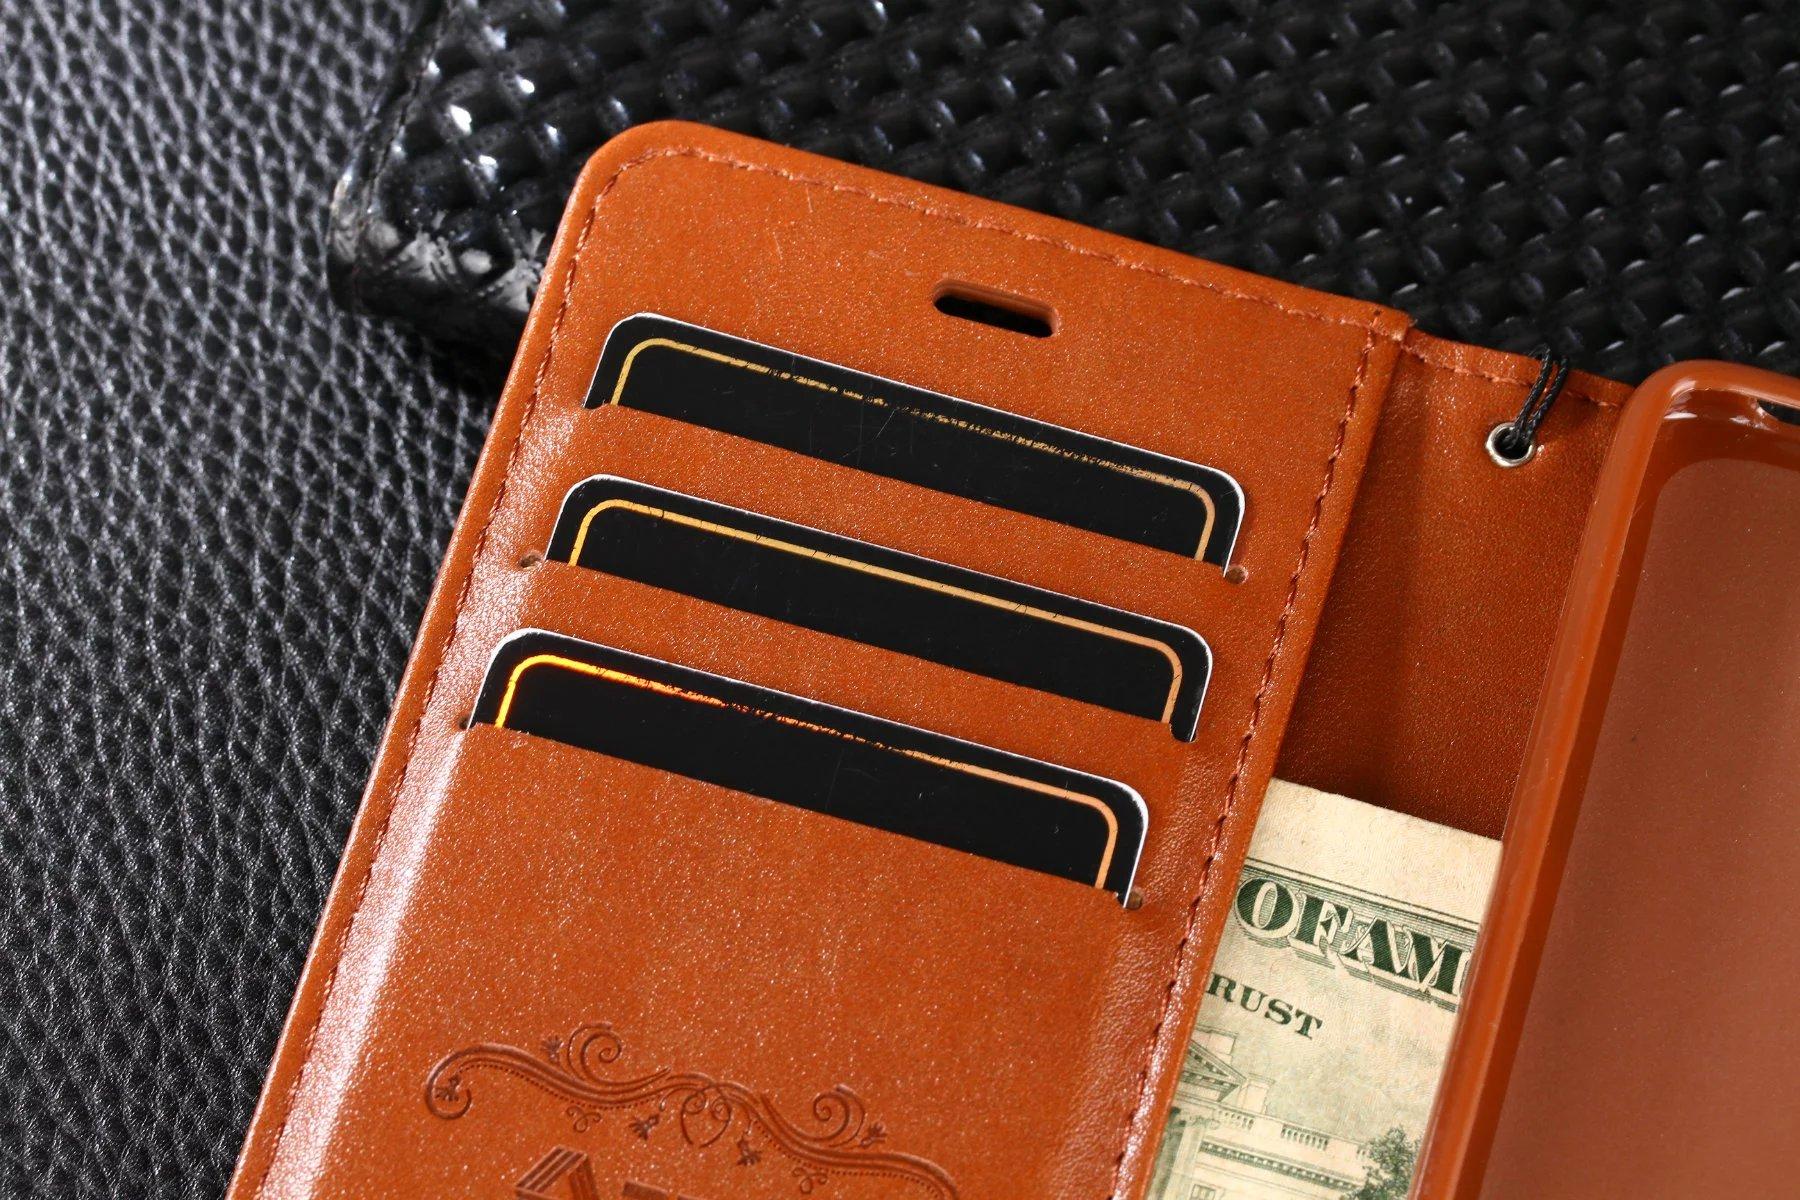 Luksusowy portfel case dla xiaomi redmi 4 pro redmi 4 książka klapki pokrywa pu leather stań torby telefonów pokrowce na xiaomi redmi 4 pro 11